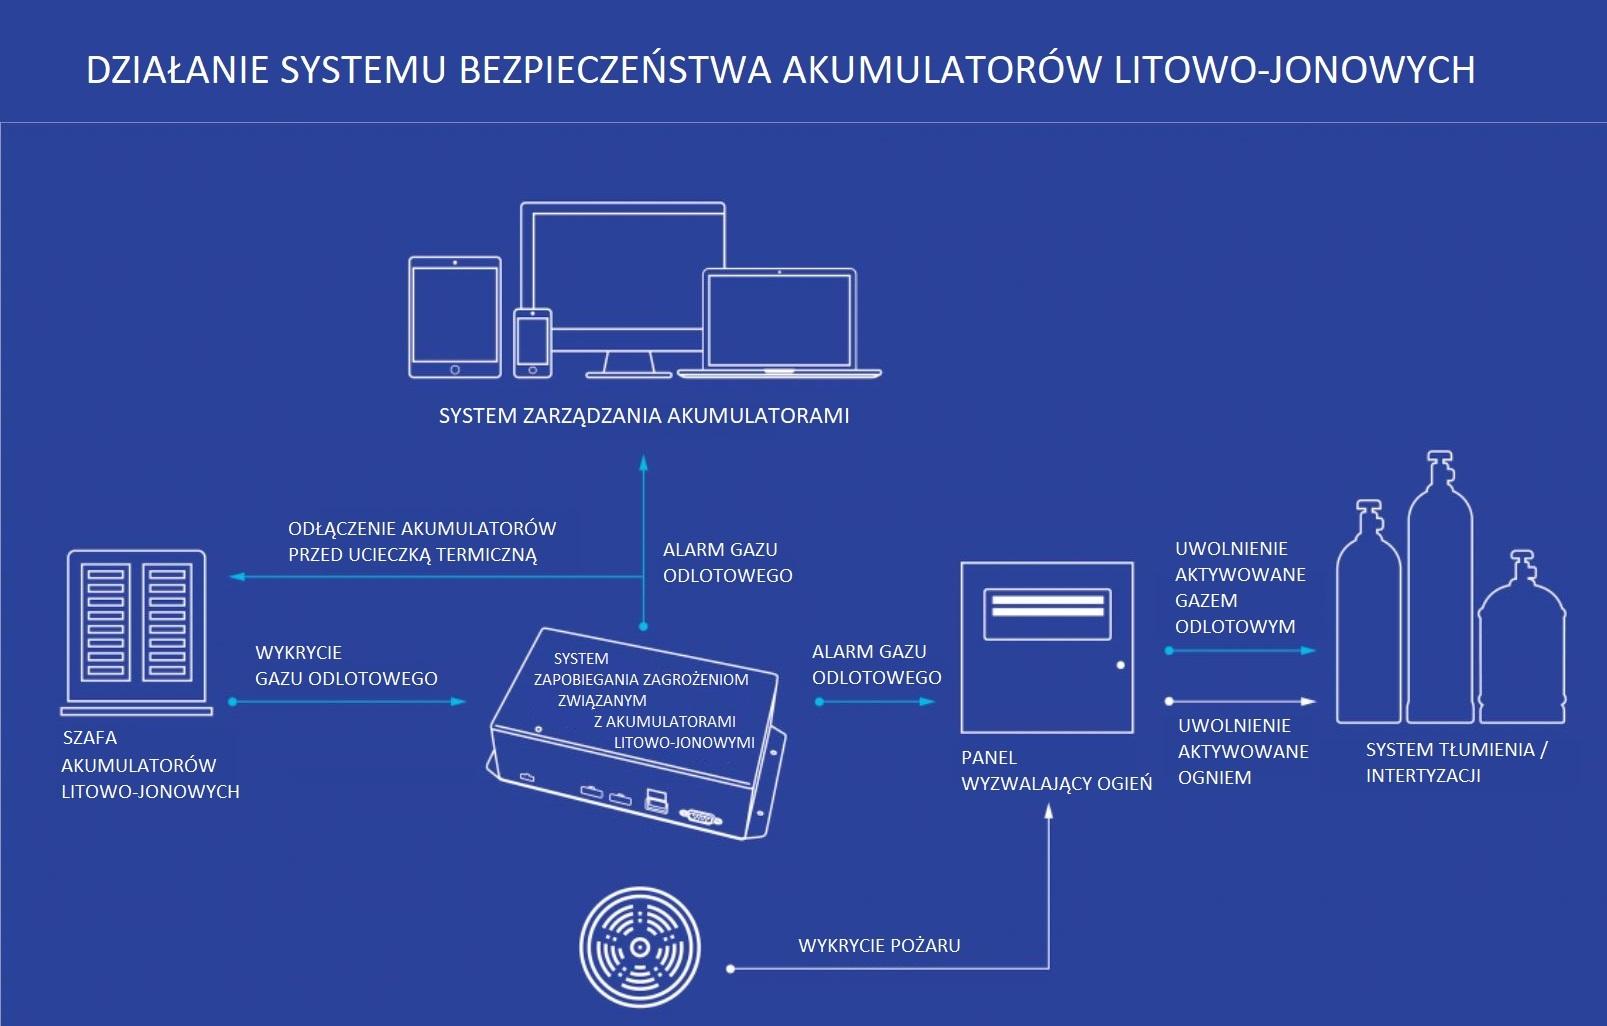 działanie systemu bezpieczeństwa akumulatorów litowo-jonowych